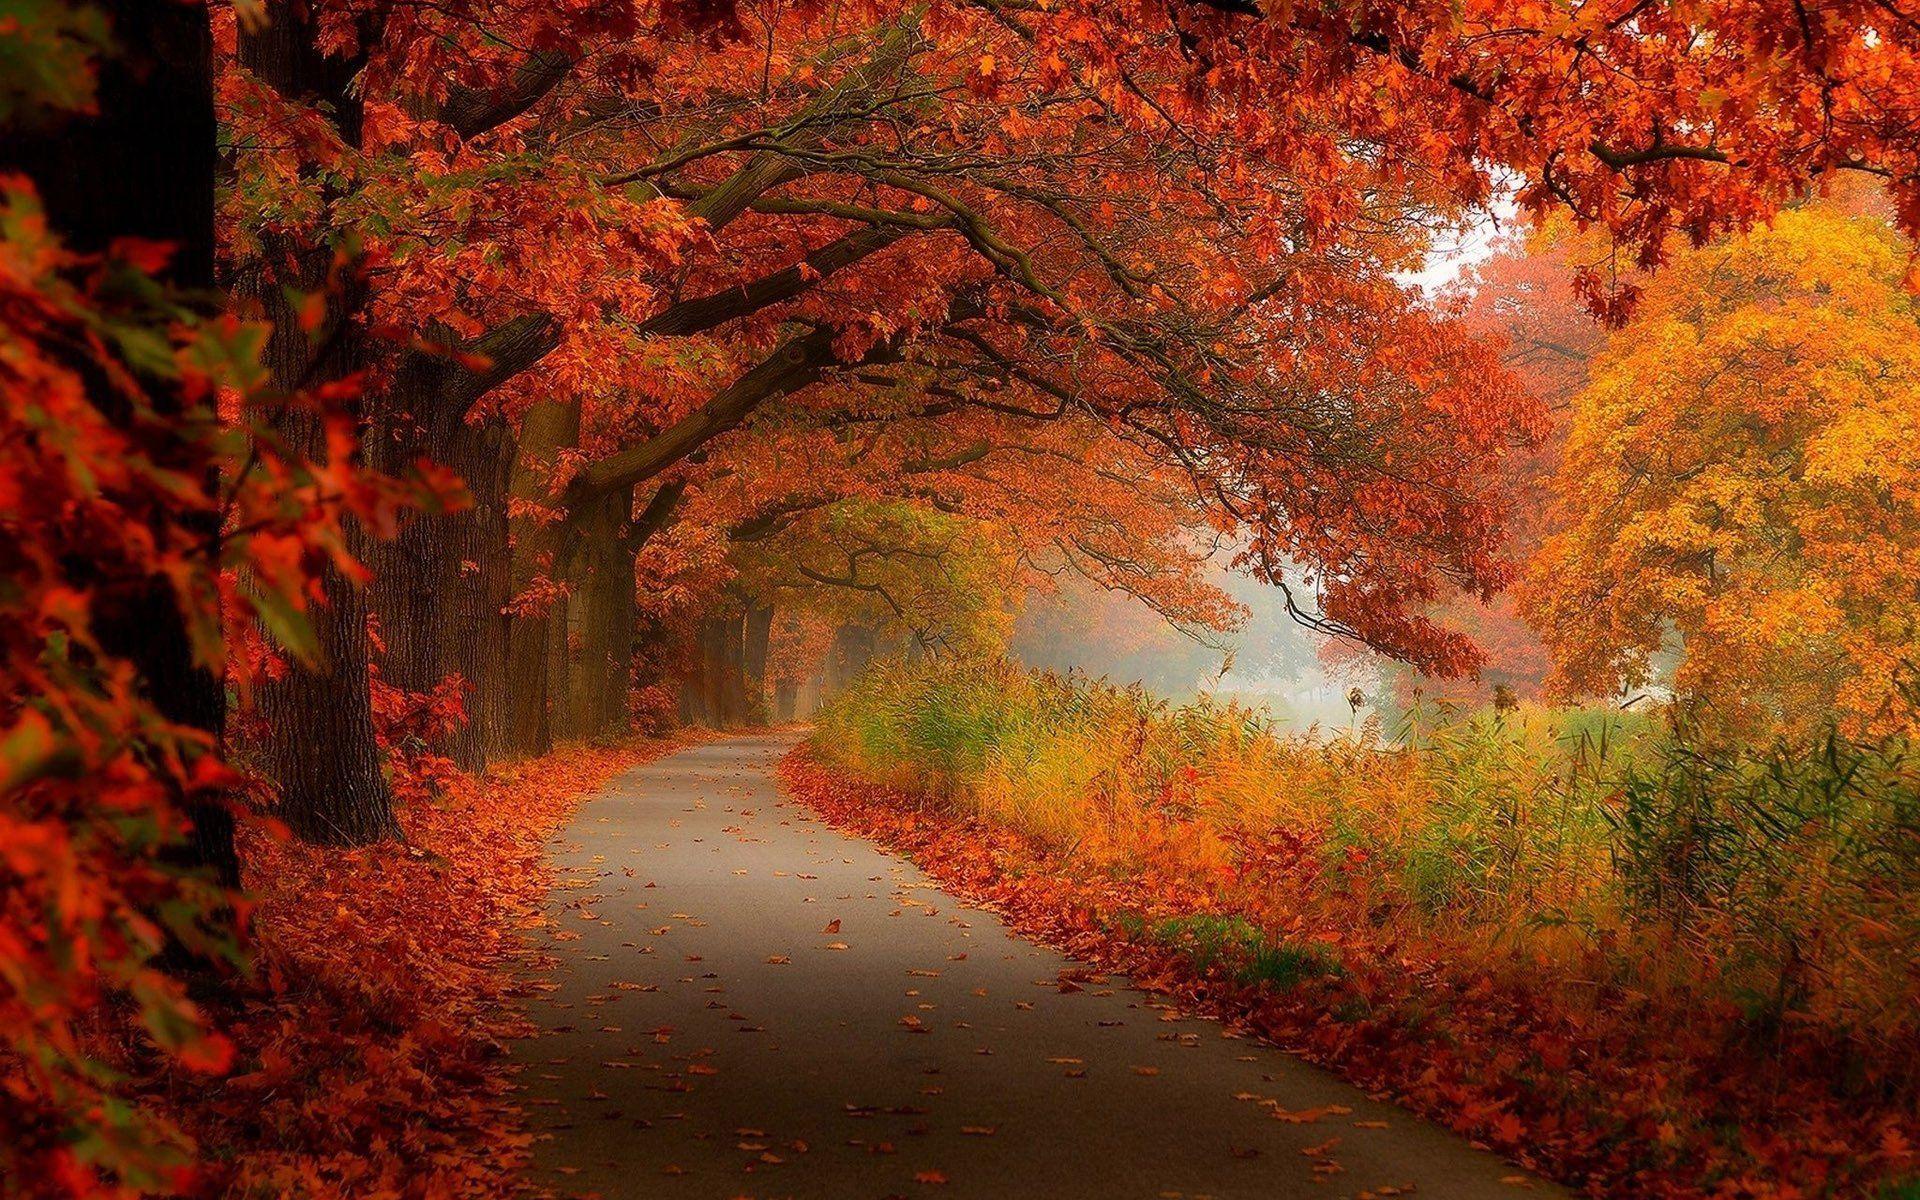 fall scenery photo hd